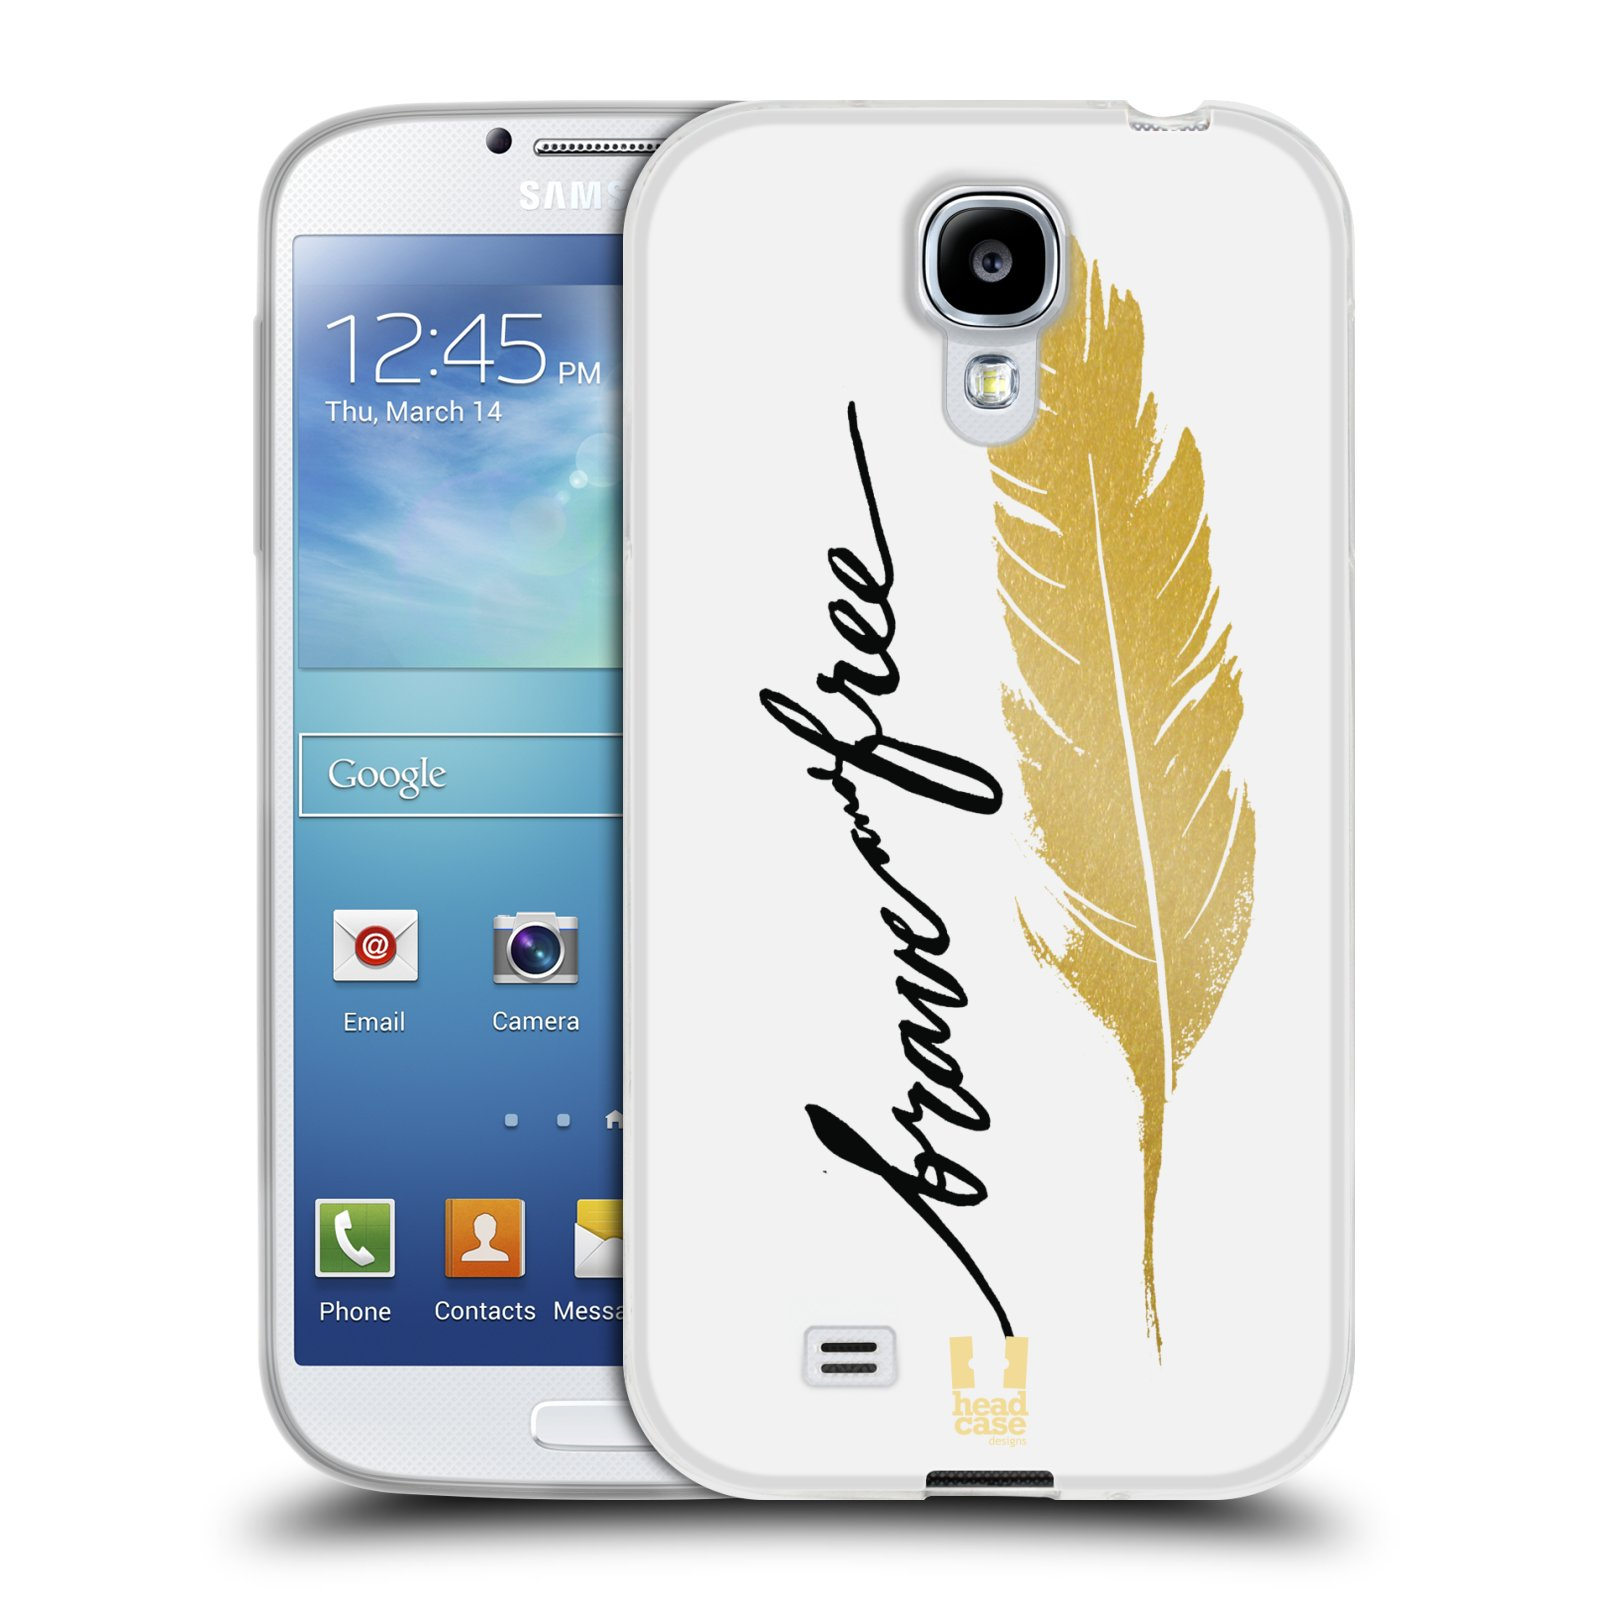 Silikonové pouzdro na mobil Samsung Galaxy S4 HEAD CASE PÍRKO ZLATÉ FREE (Silikonový kryt či obal na mobilní telefon Samsung Galaxy S4 GT-i9505 / i9500)